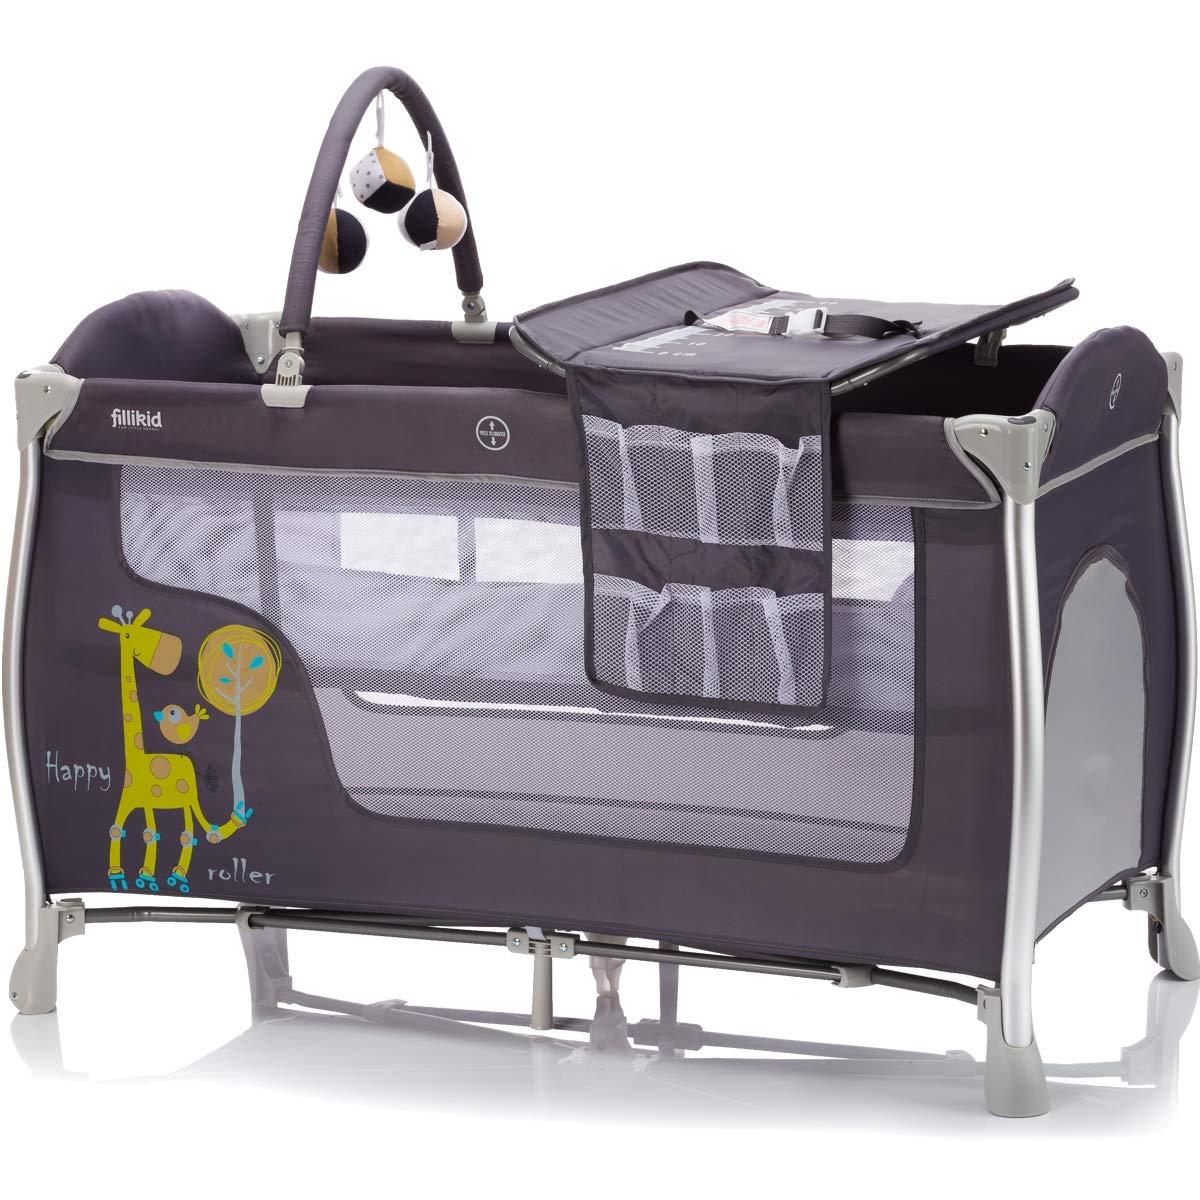 baby kinderbetten online shopping f r bekleidung. Black Bedroom Furniture Sets. Home Design Ideas